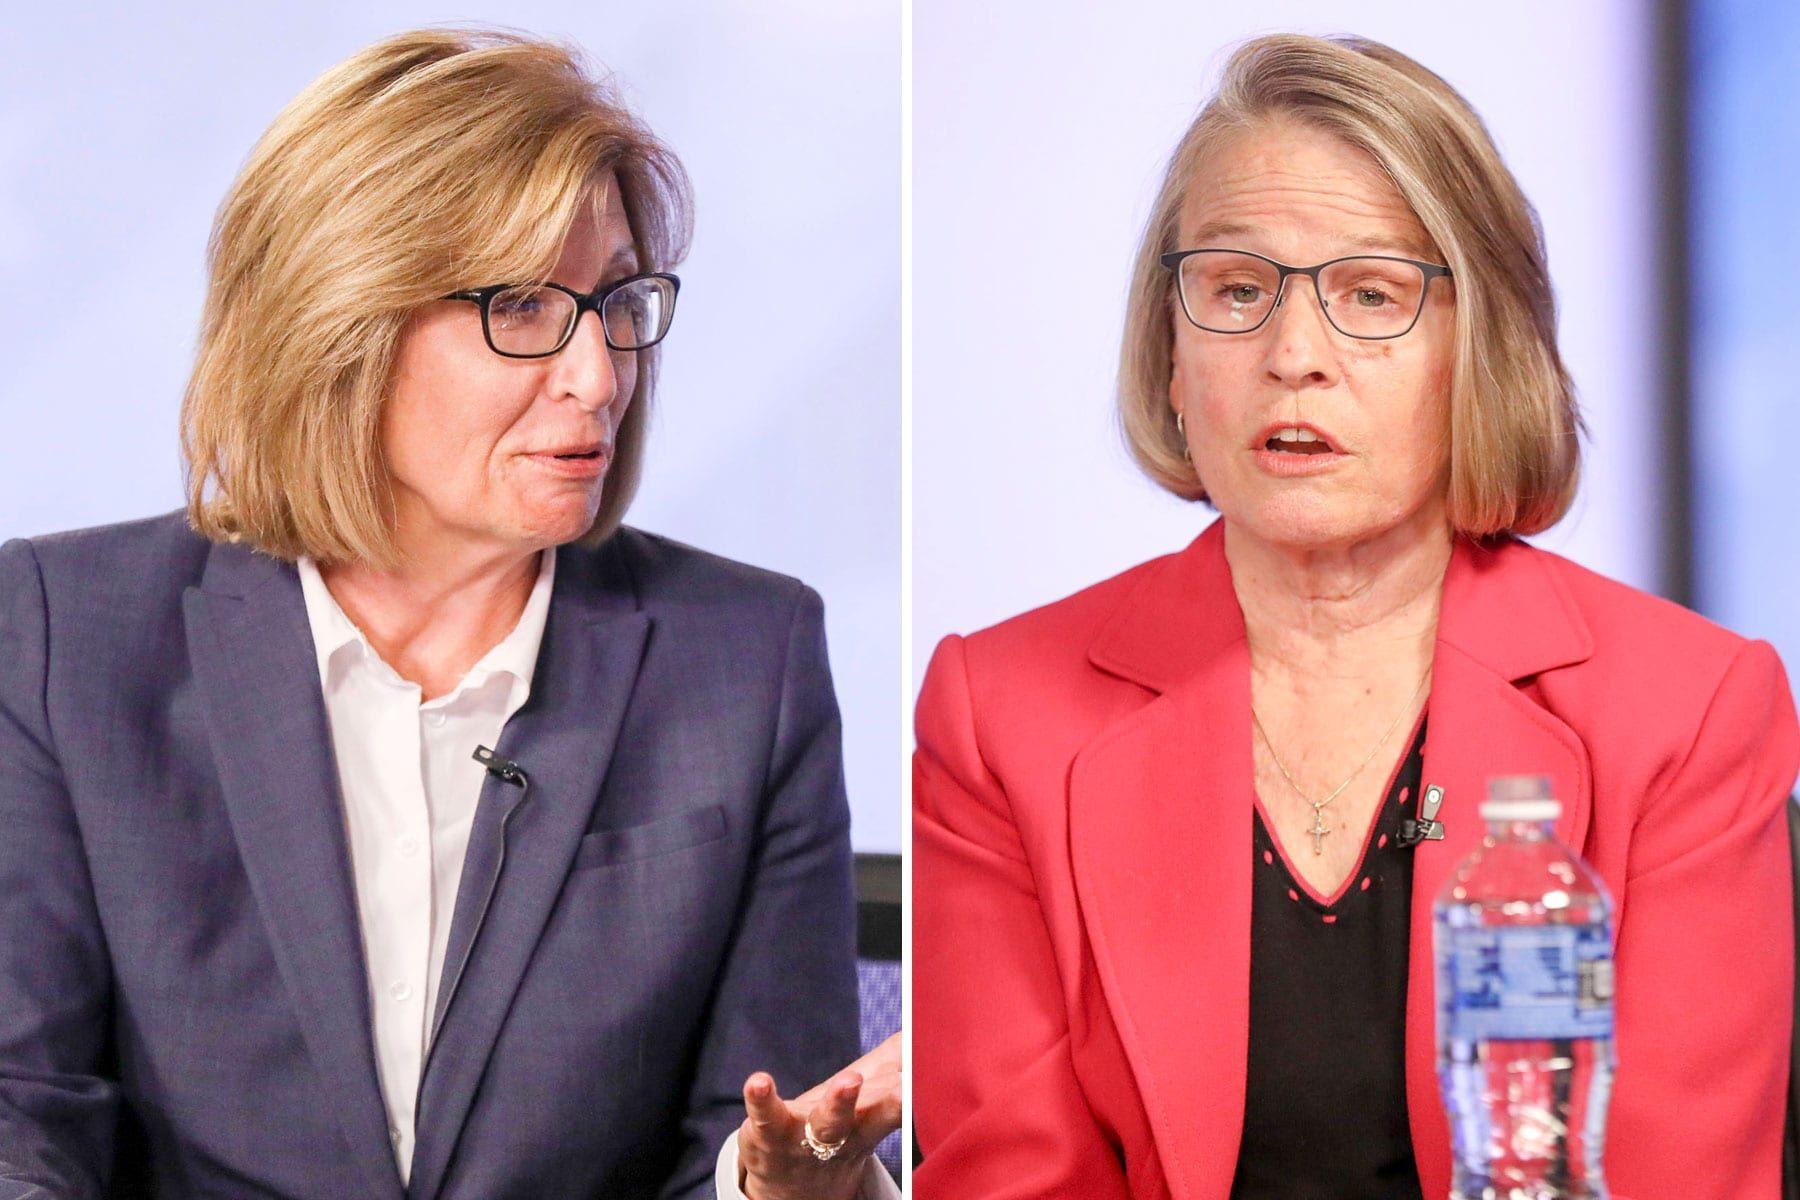 Democrat Rita Hart, left, disputing her election loss to Rep. Mariannette Miller-Meeks.